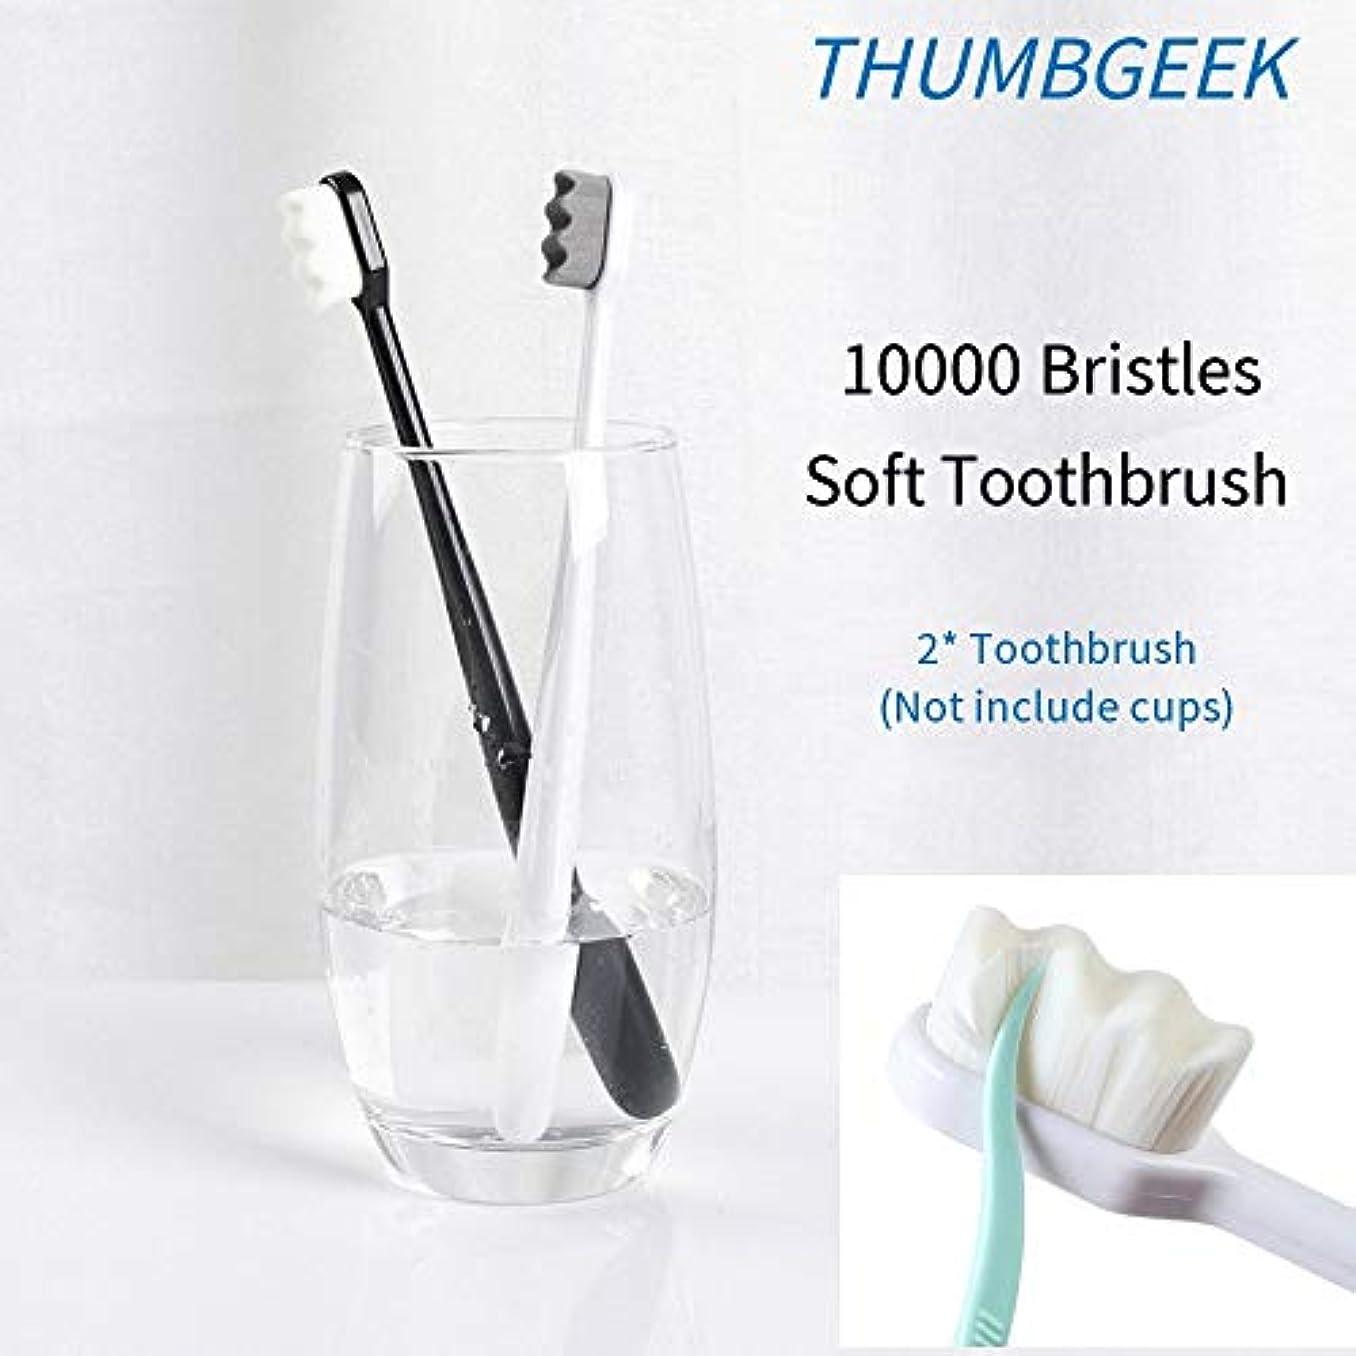 昇るテナントベール2本の歯ブラシ、ウルトラソフト歯ブラシ、家族の妊娠中の女性用、年配の看護の歯肉に敏感なディープマウスクリーンオーラルケア、手動歯ブラシ